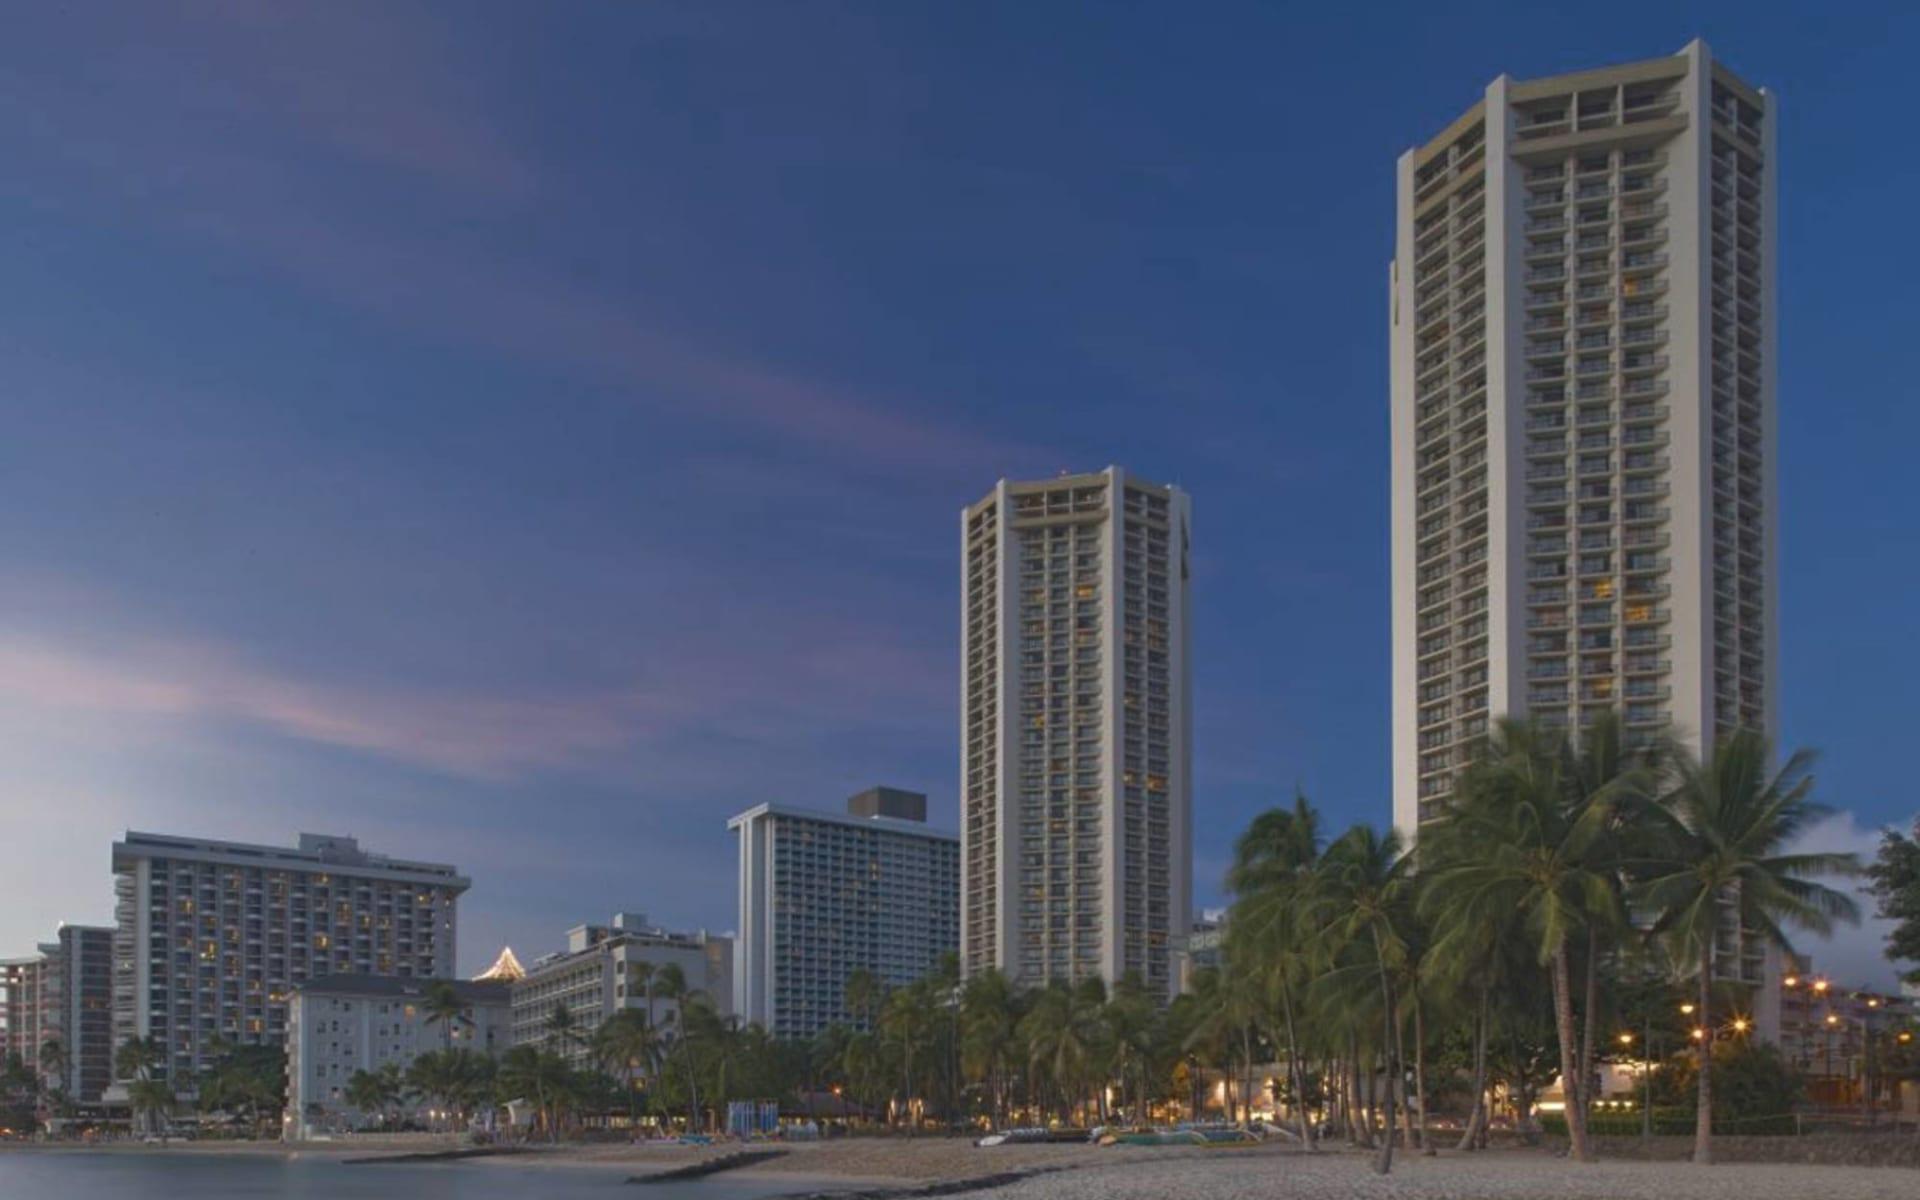 Hyatt Regency Waikiki Beach Resort & Spa in Honolulu - Oahu: exterior hyatt regency waikiki beach resort and spa hotel strand meer